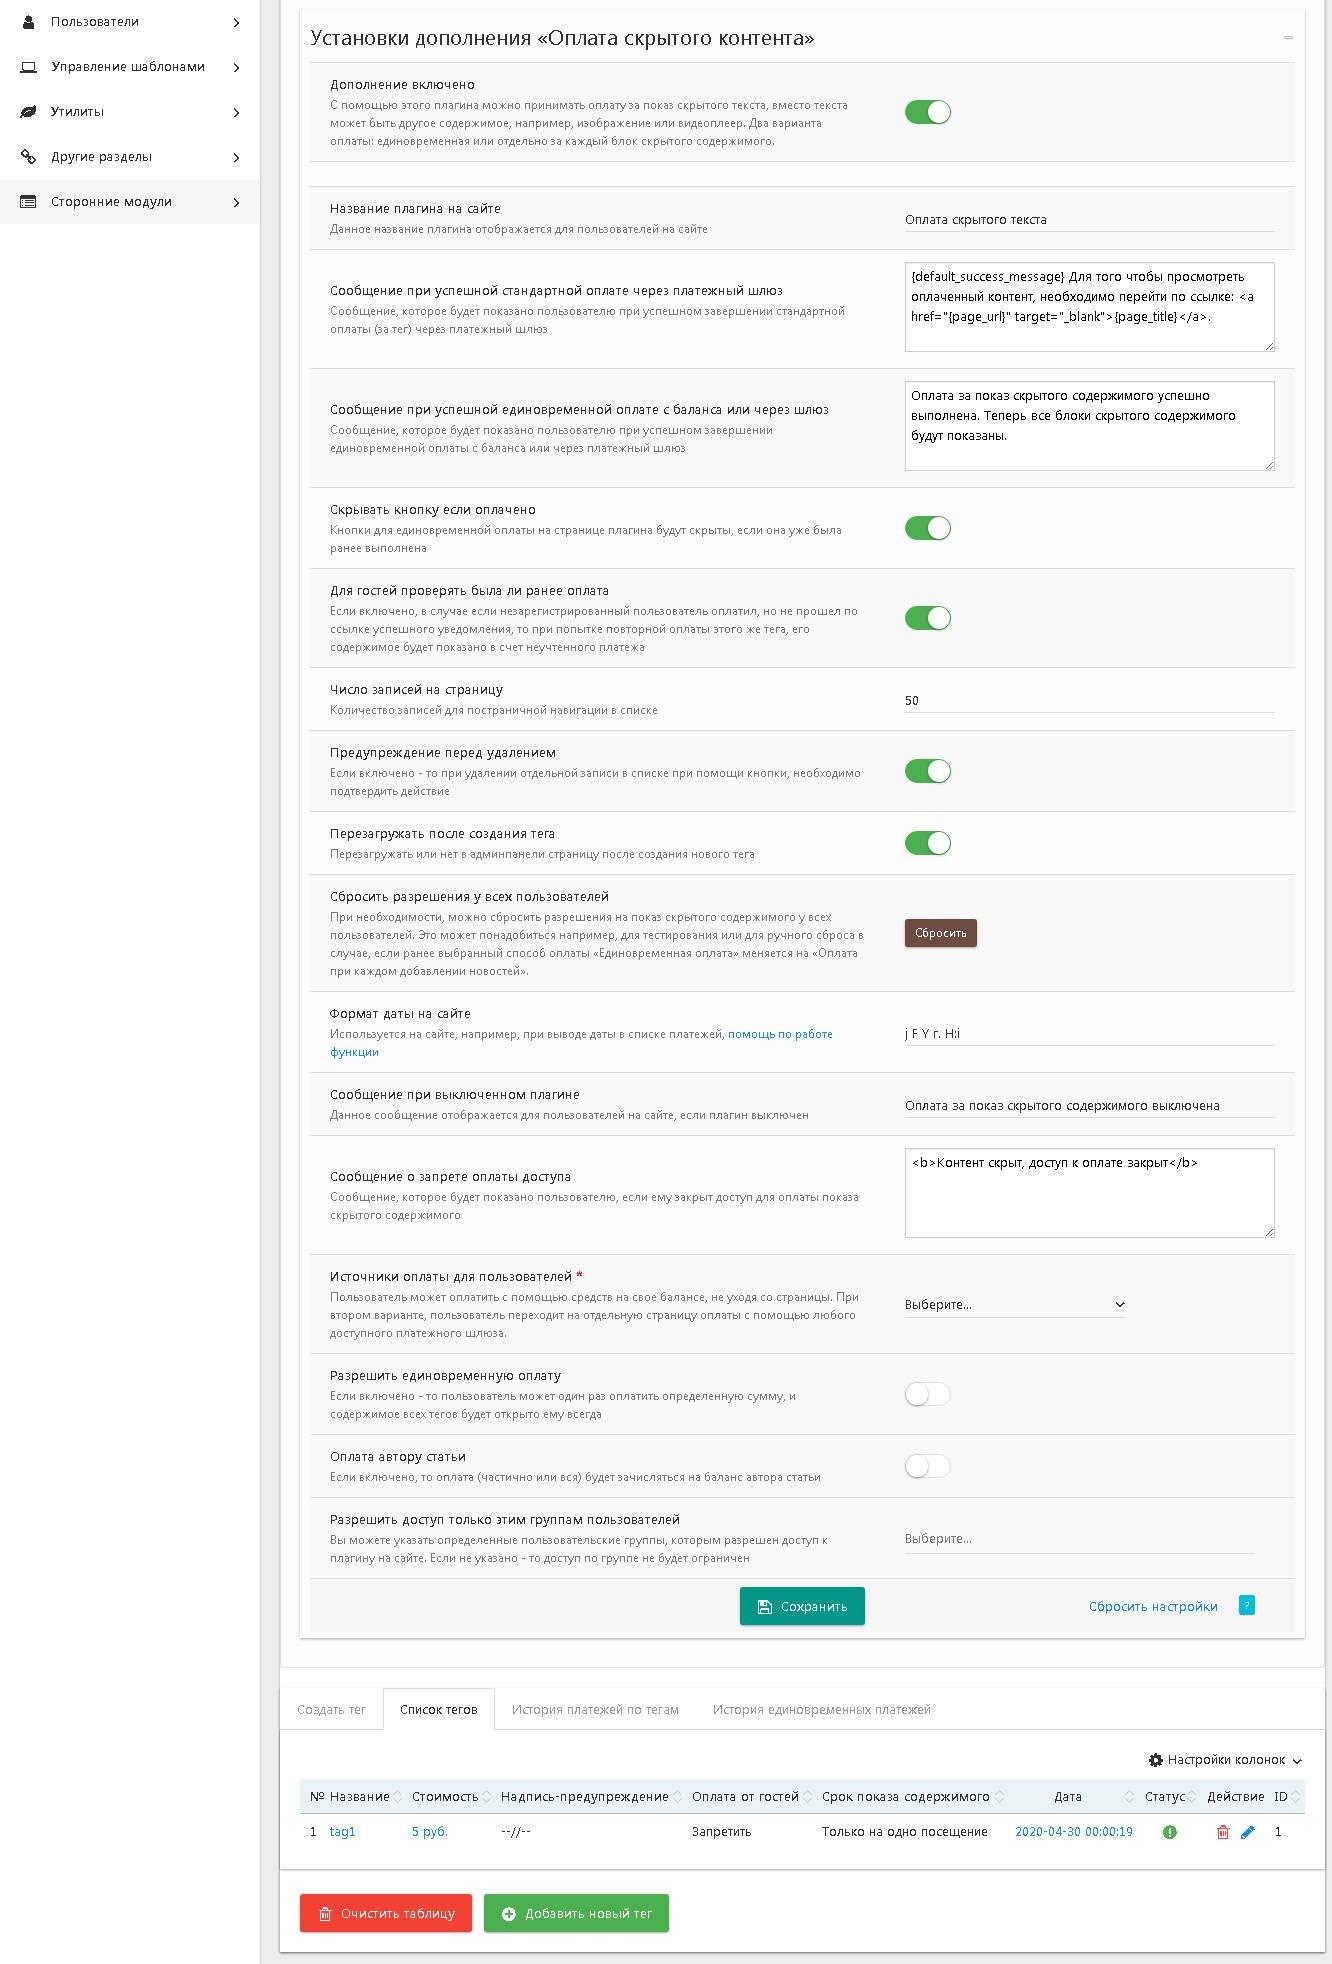 Оплата скрытого контента - плагин для WebCash